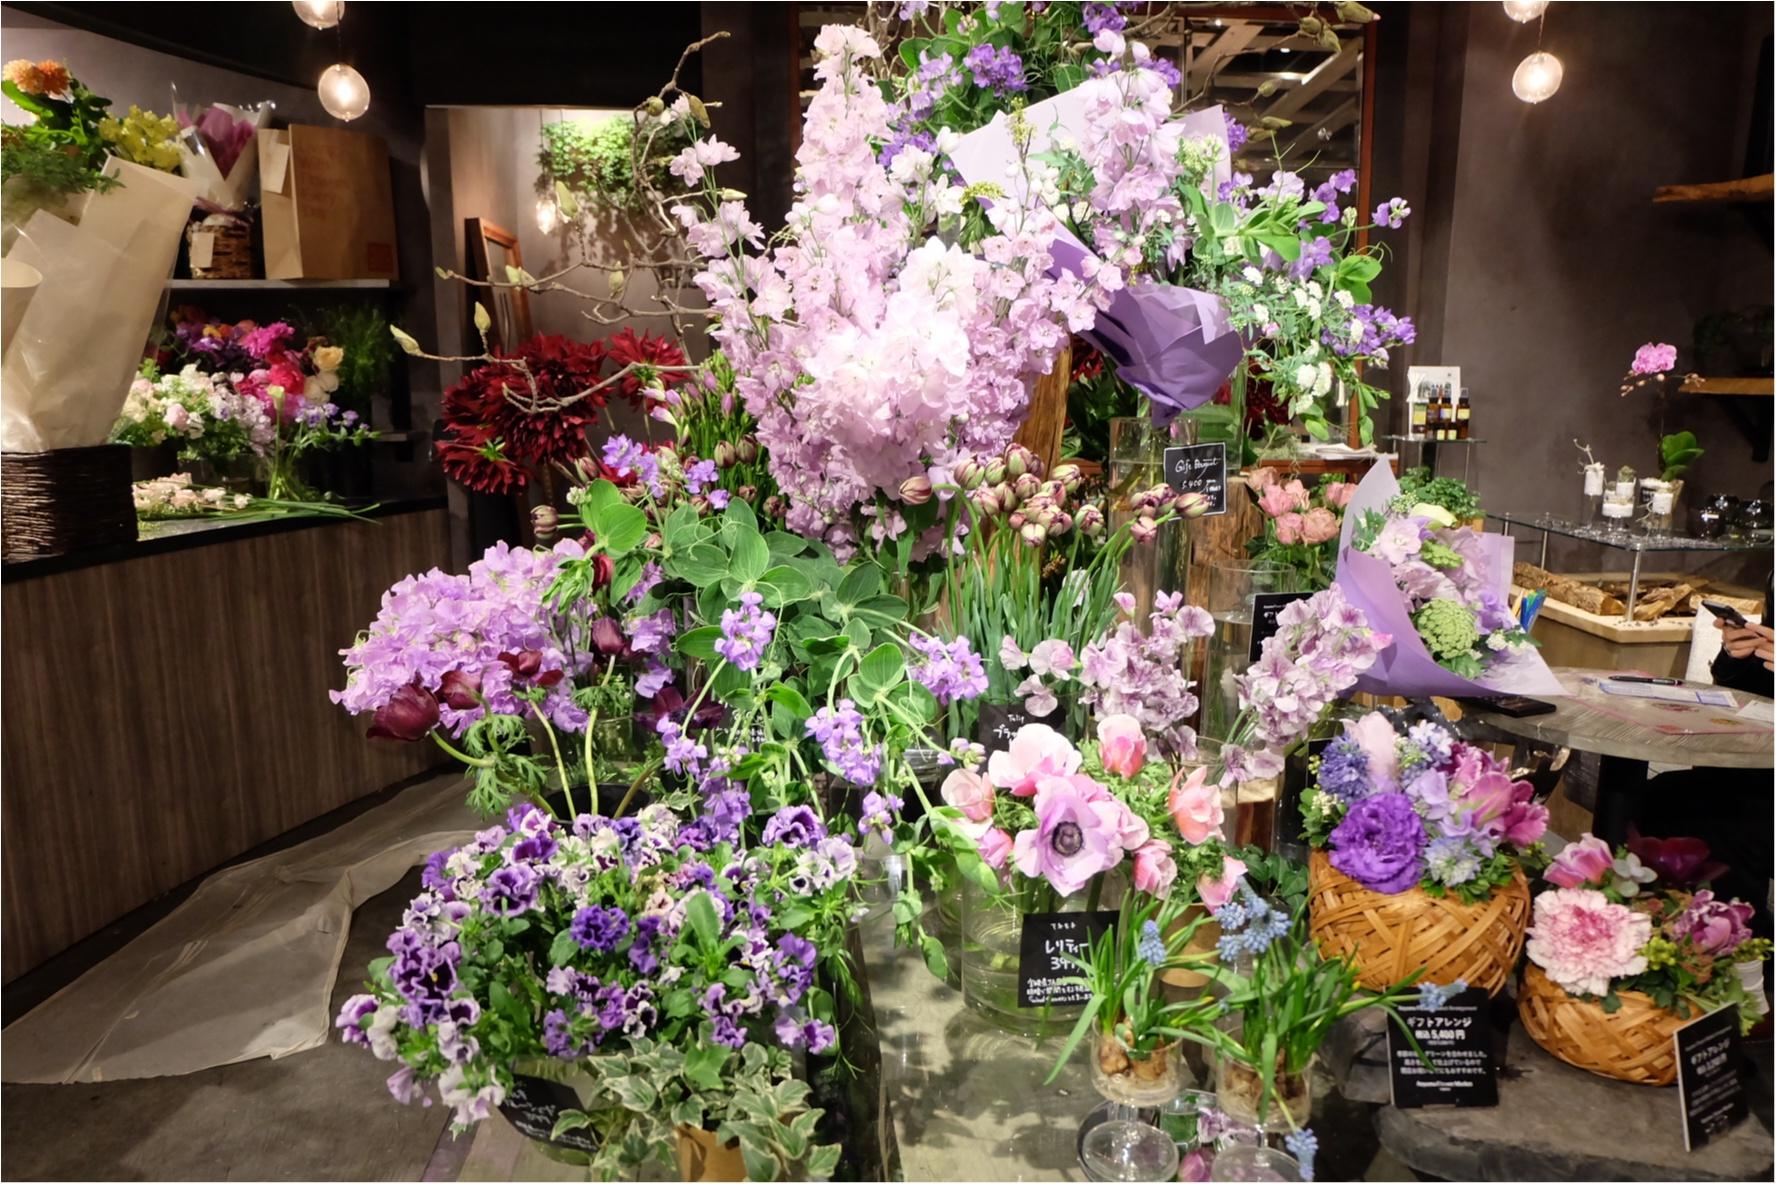 【ご当地MORE♡東京】AOYAMA FLOWER MARKET TEA HOUSEでお花に囲まれて女子会ができちゃう贅沢スポット♡_1